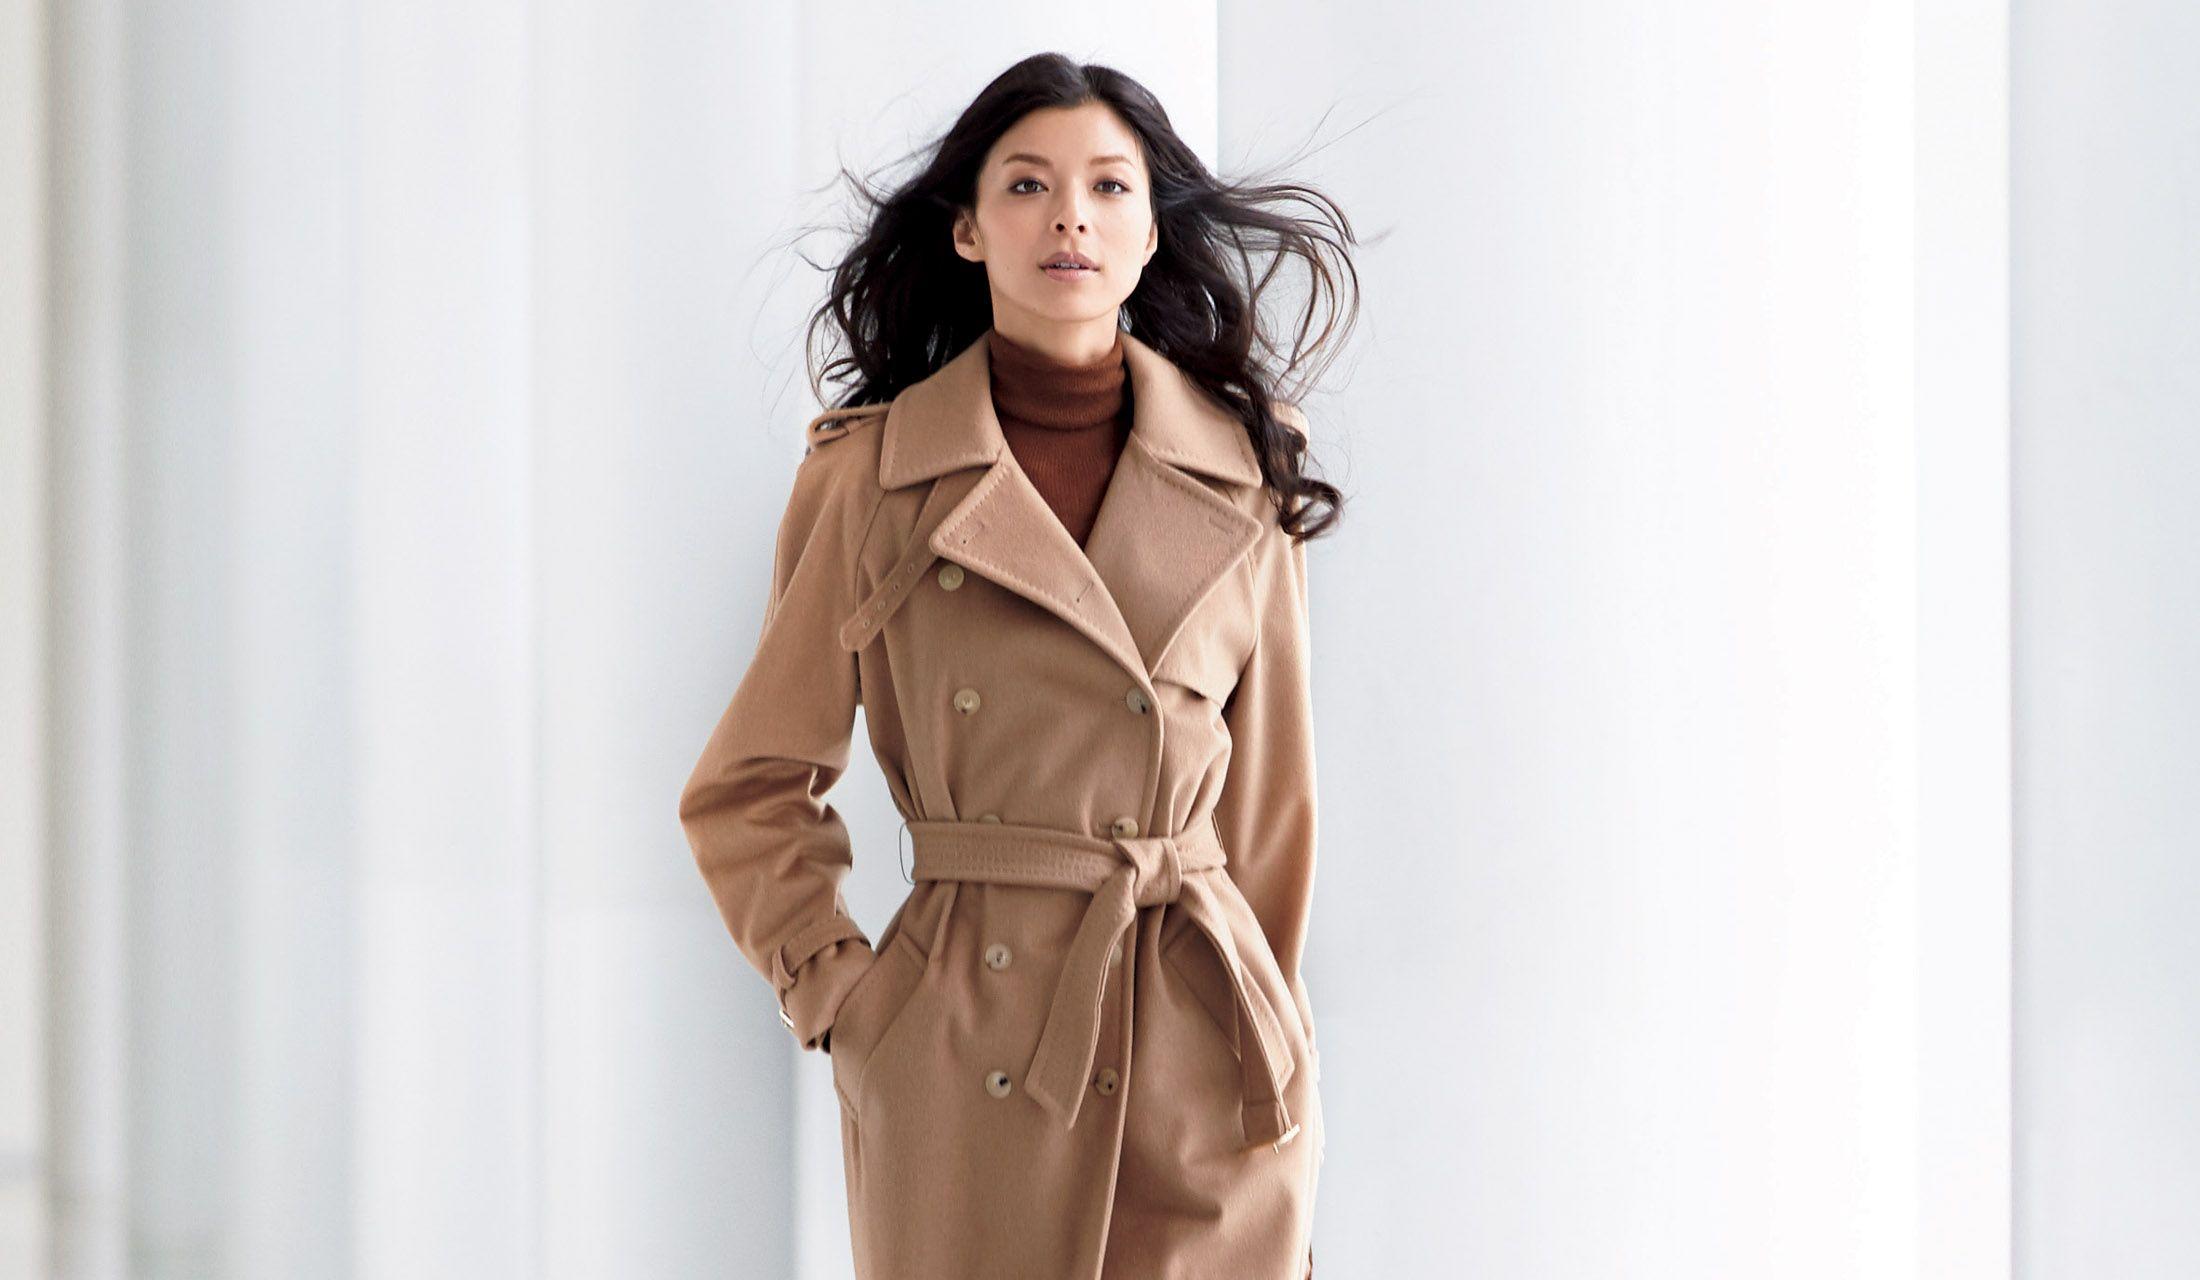 ベージュのコートをまとった女性